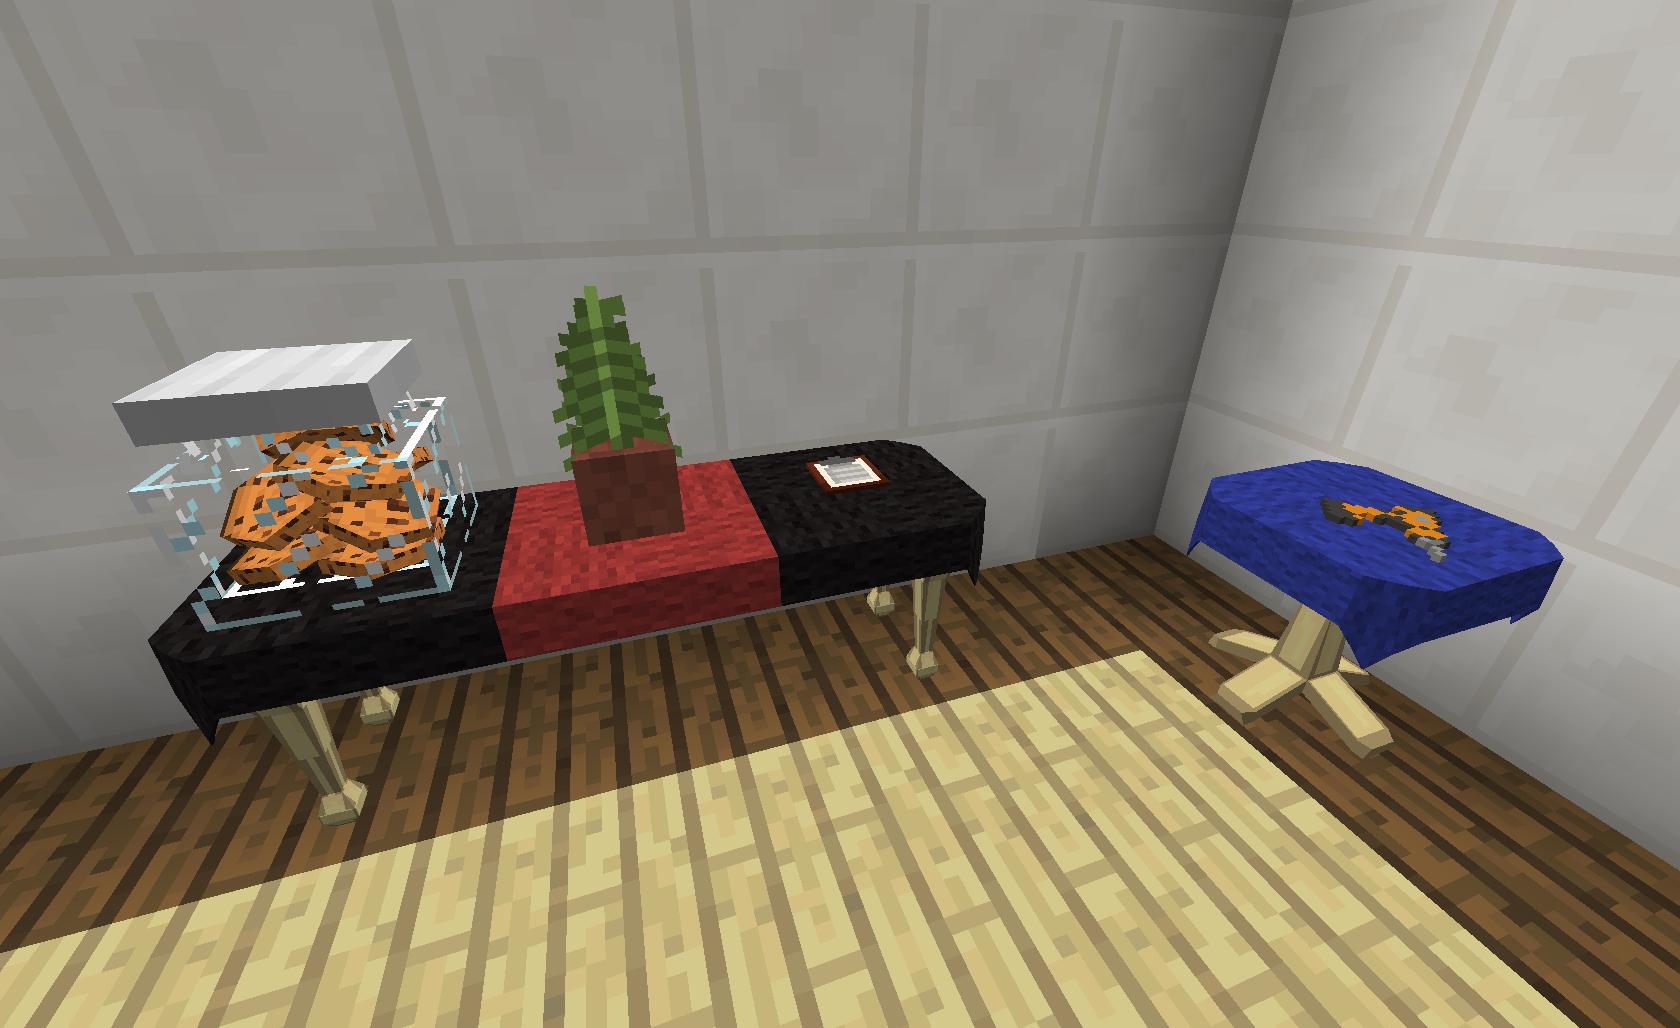 мод на 3d современную мебель в майнкрафт 1.7.10 #5